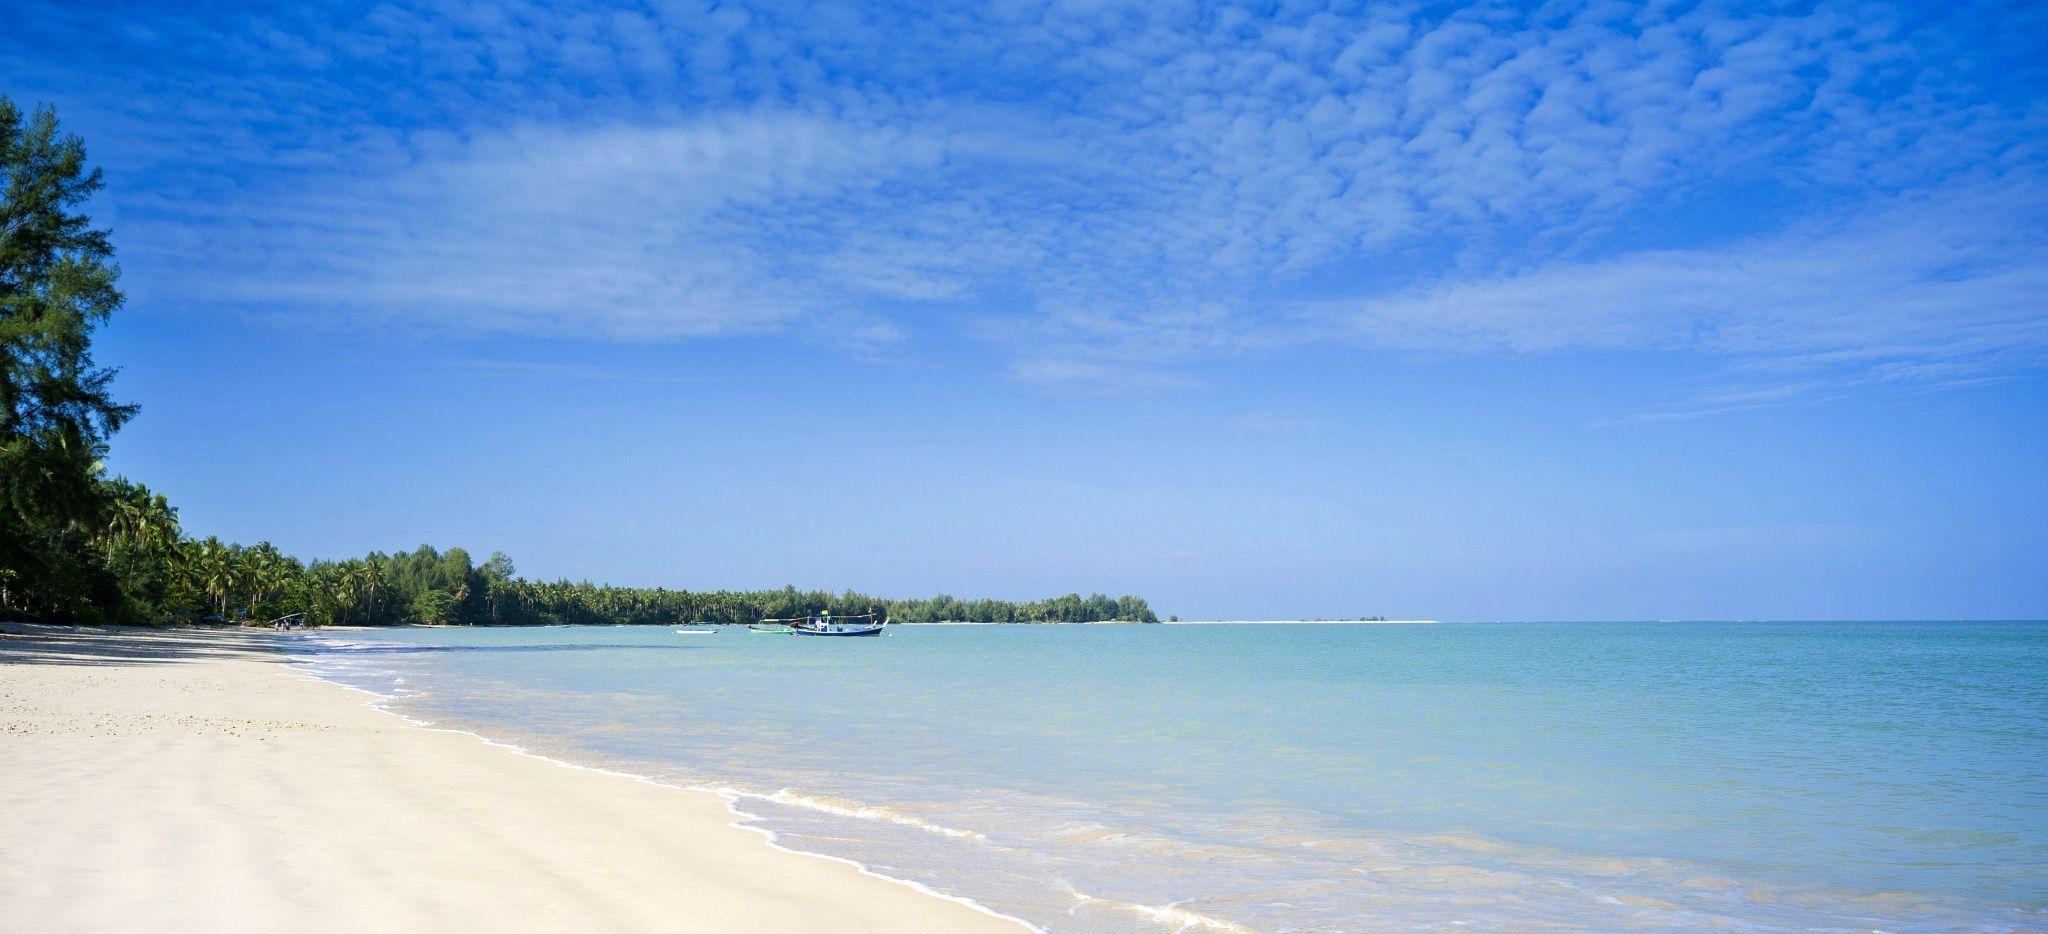 """Der Strand des """"The Sarojin"""", weißer Sandstrand an einem türkisblauen Meer"""